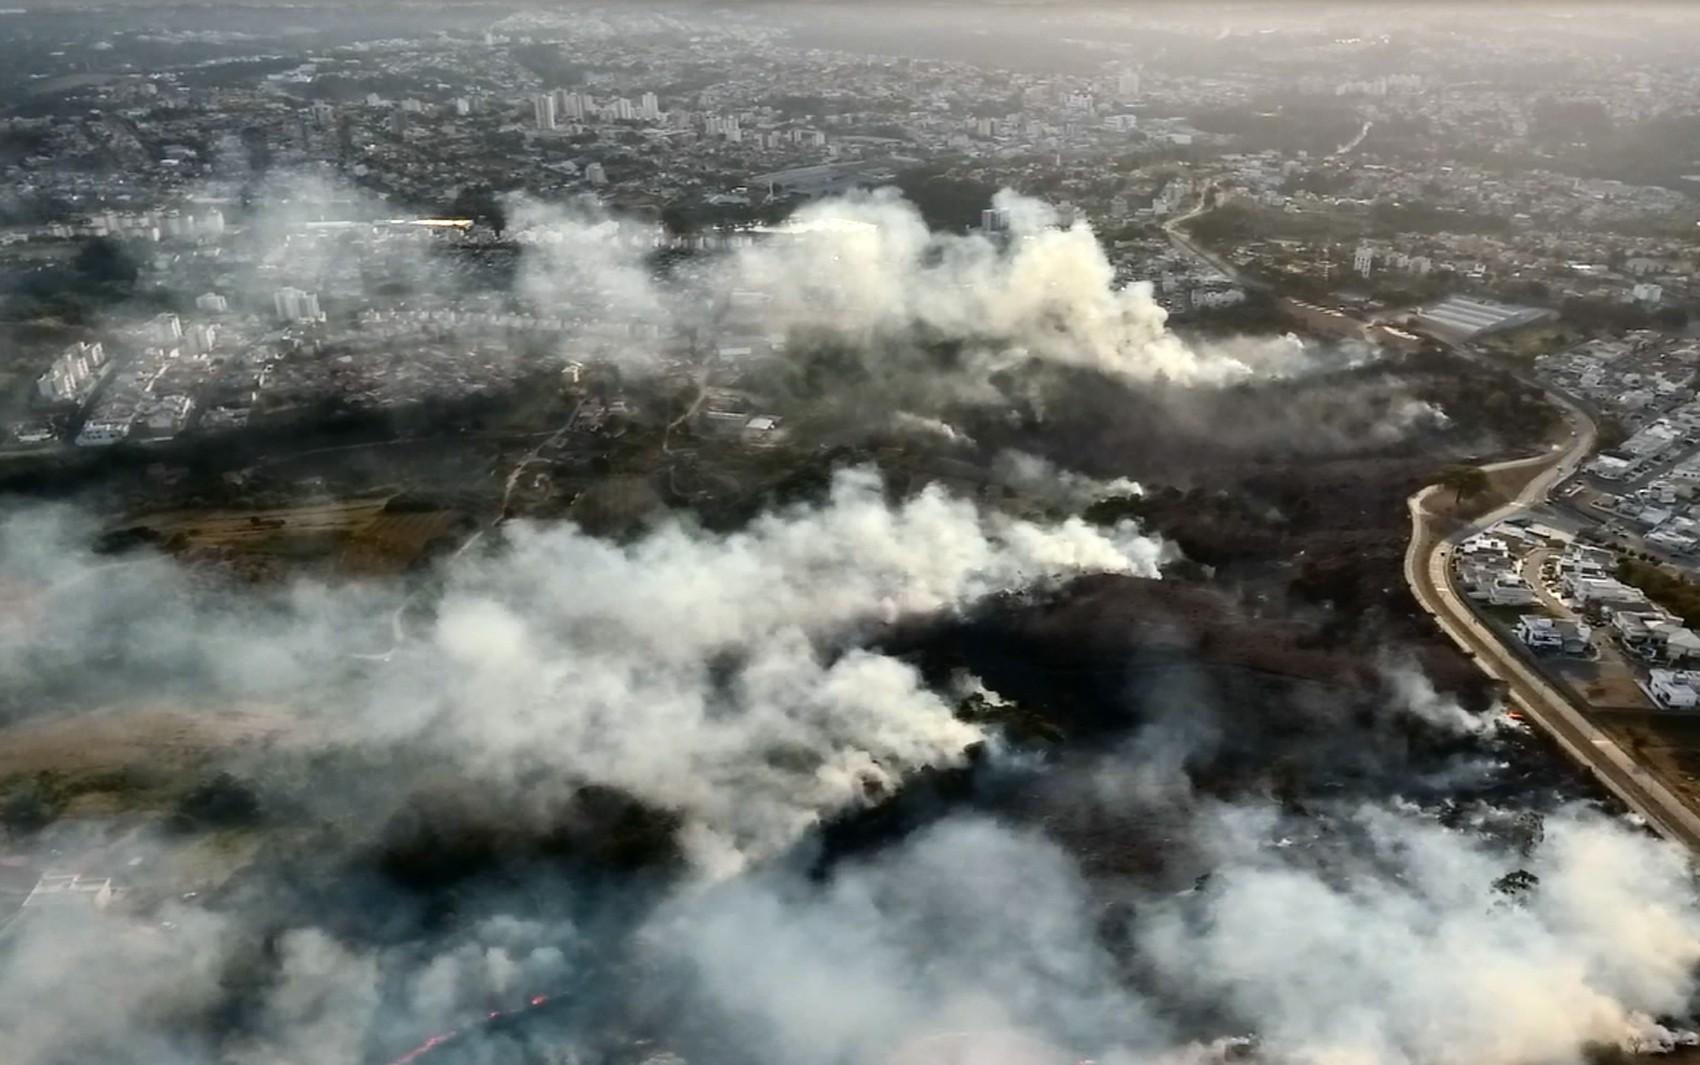 Araraquara, São Carlos e região têm 115 interrupções de energia por queimadas, aponta CPFL